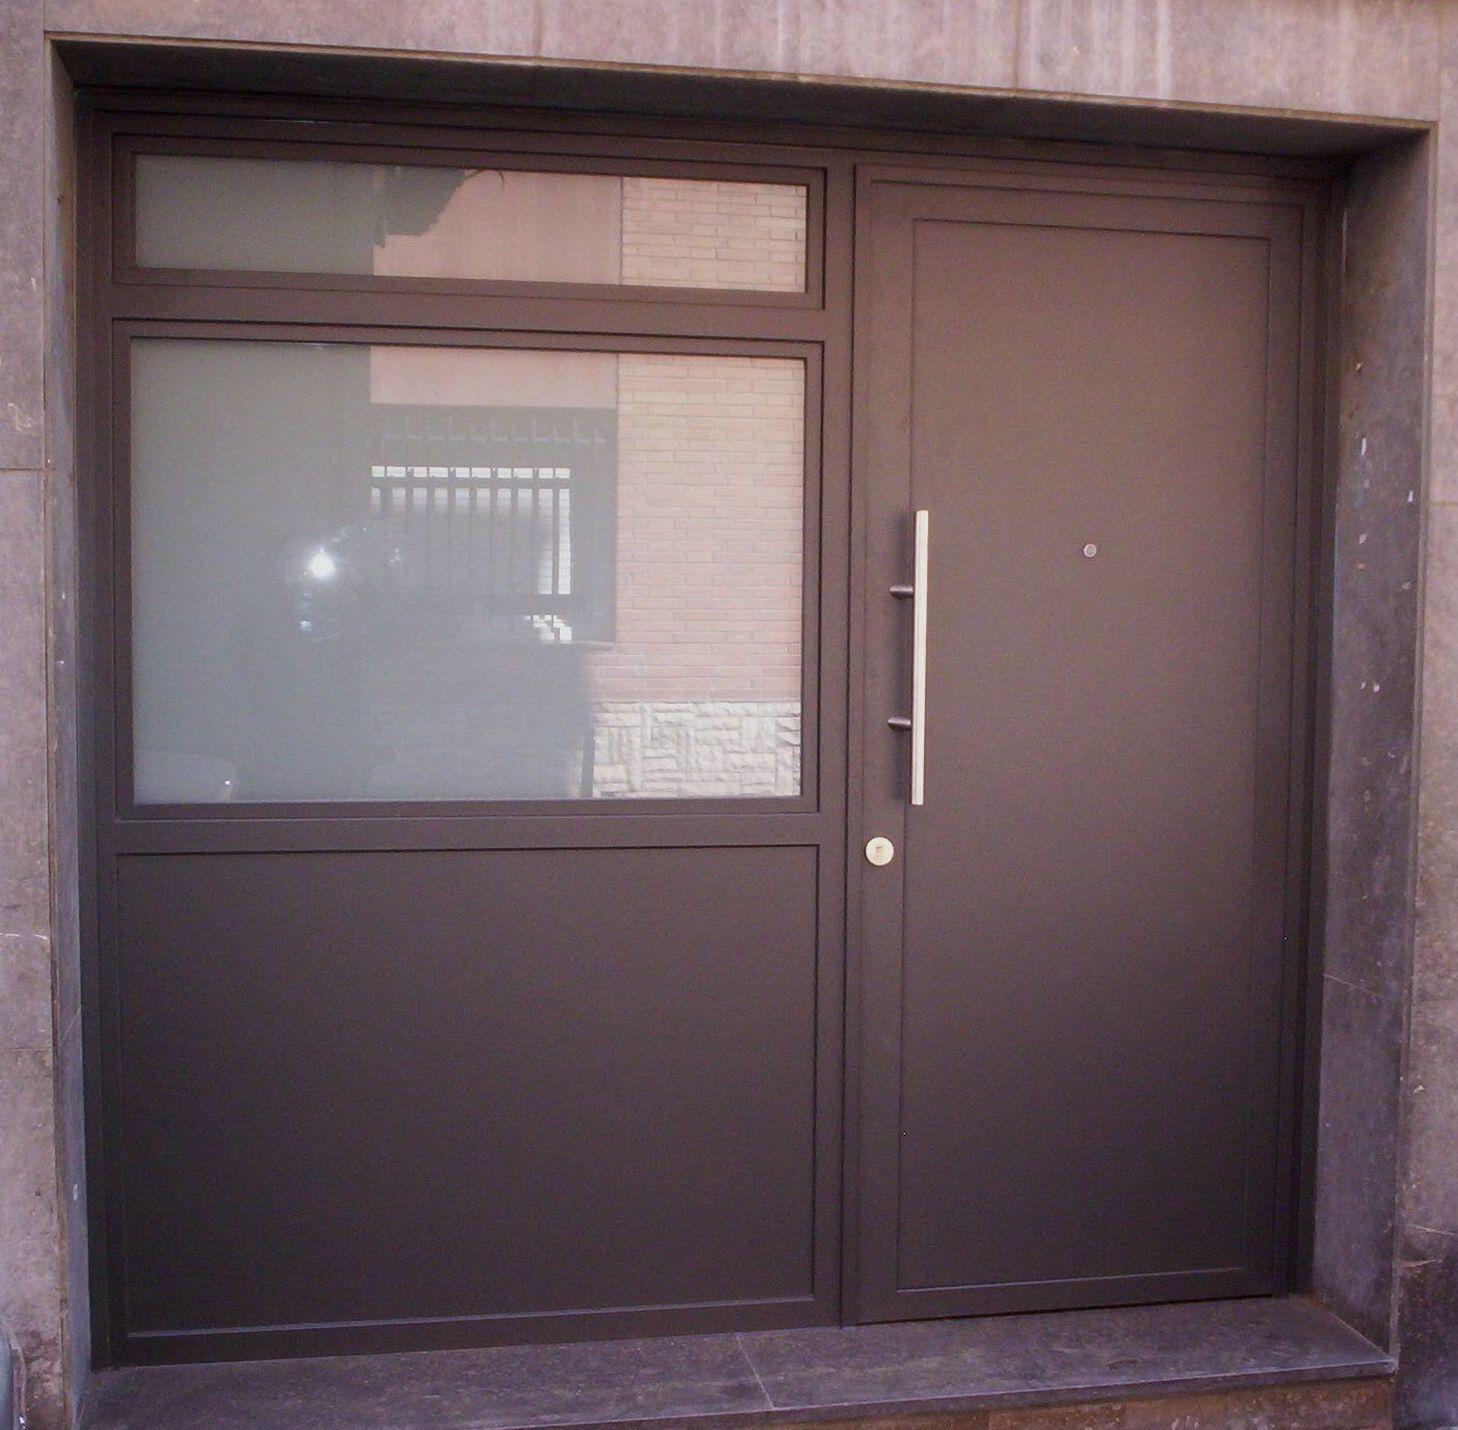 Puertas metálicas en Barcelona\u002Dpuertas MIret, Un cambio a su exterior